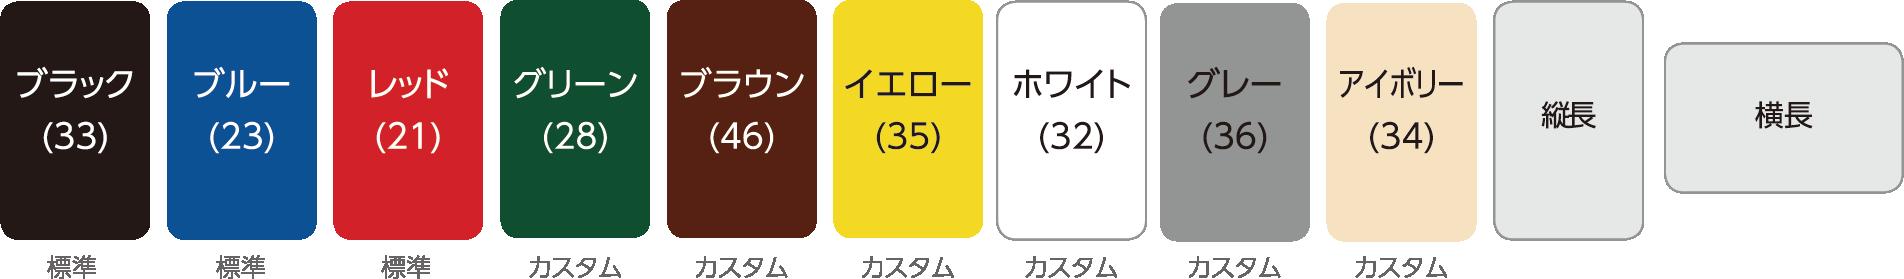 アクリル案内板のカラーオプション